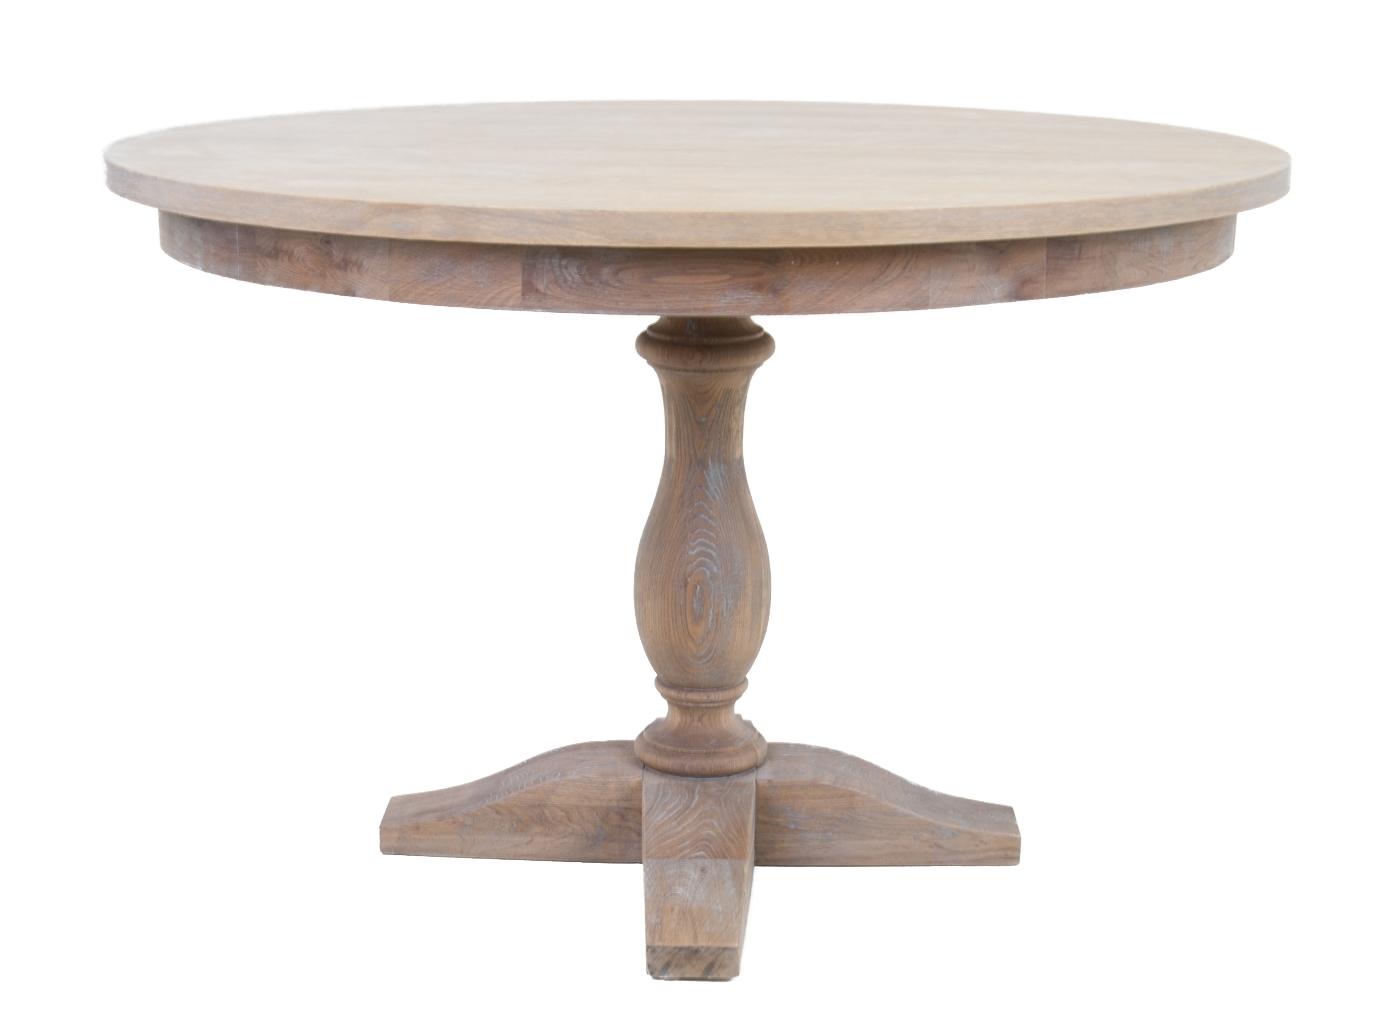 Купить Обеденный стол Anesio из массива дуба, inmyroom, Китай